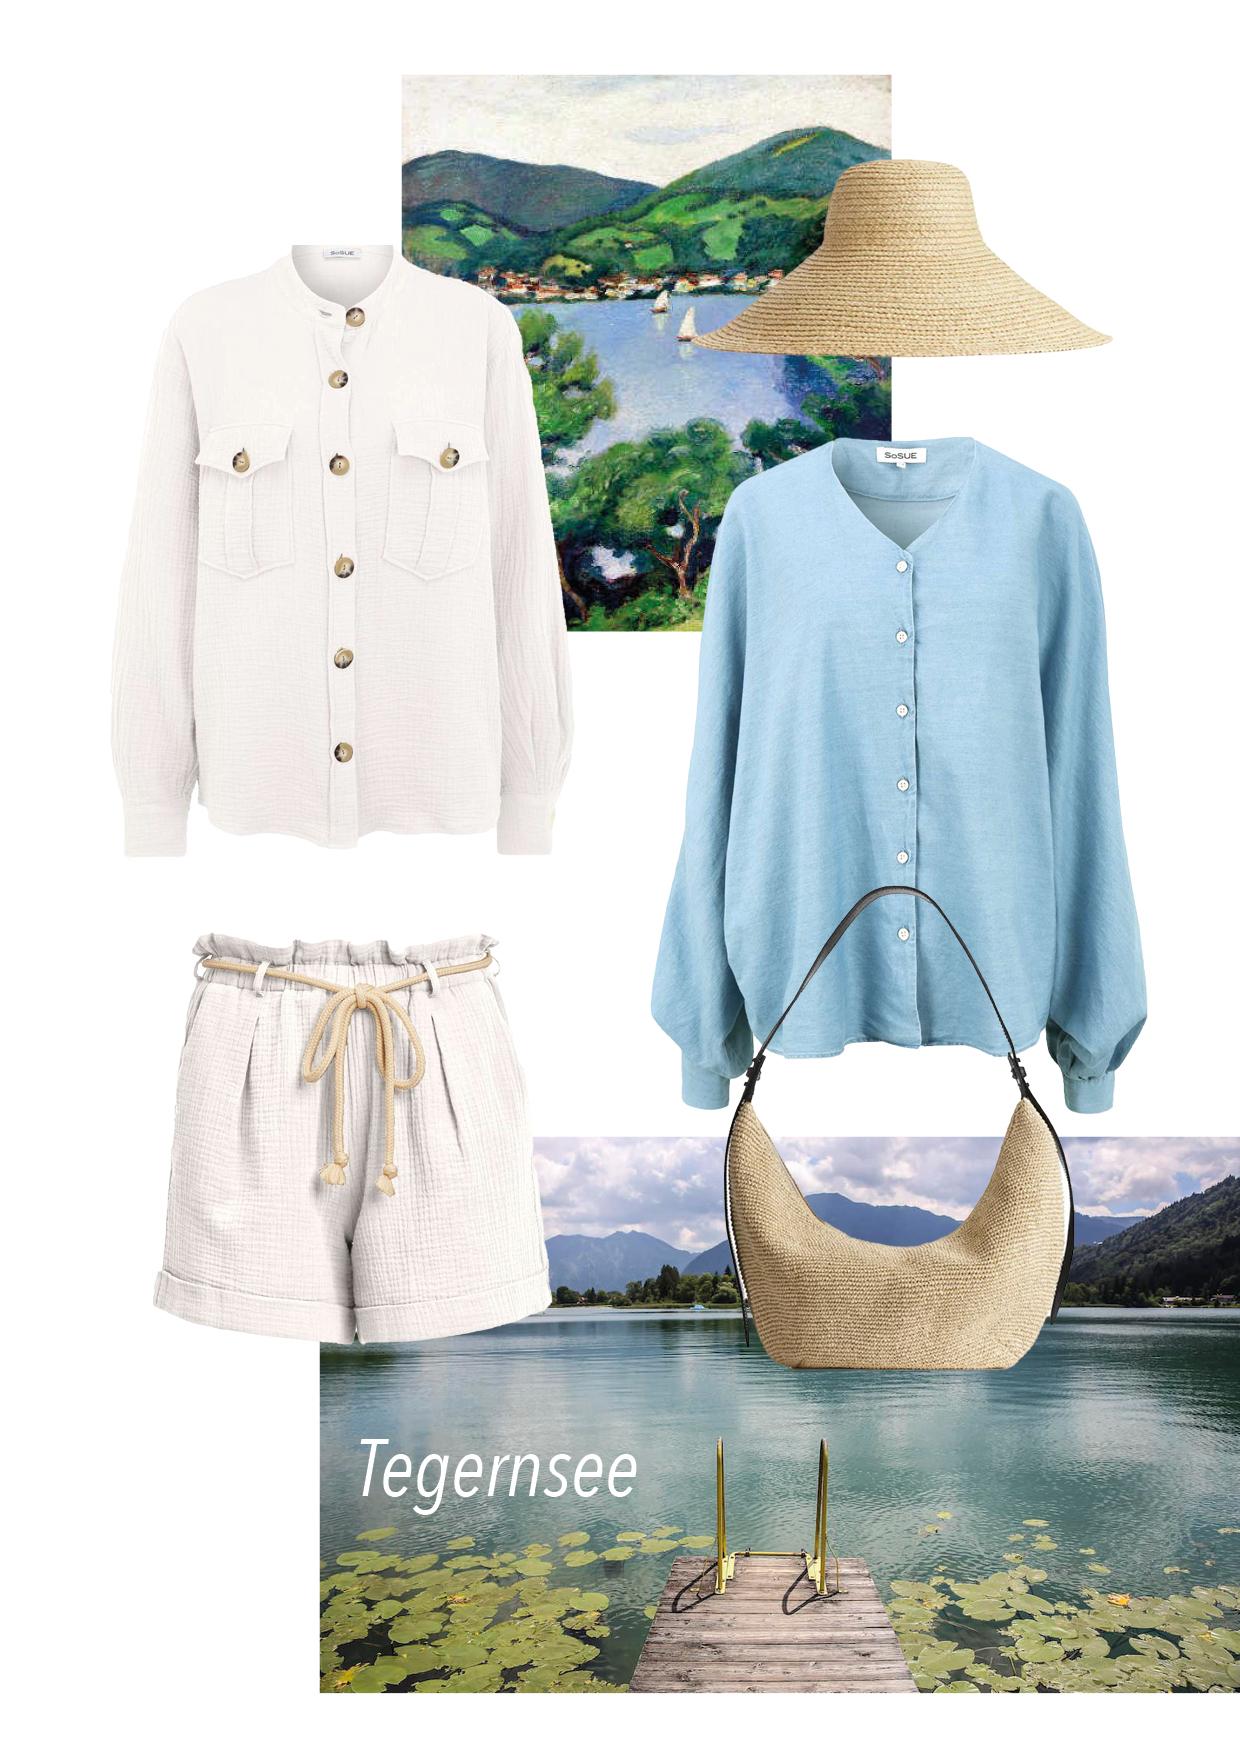 Hemd: SoSUE Shirt Ems Shorts: SoSUE Waffle Shorts White Bluse: SoSUE Antonia V-Neck Denim Tasche: Arket